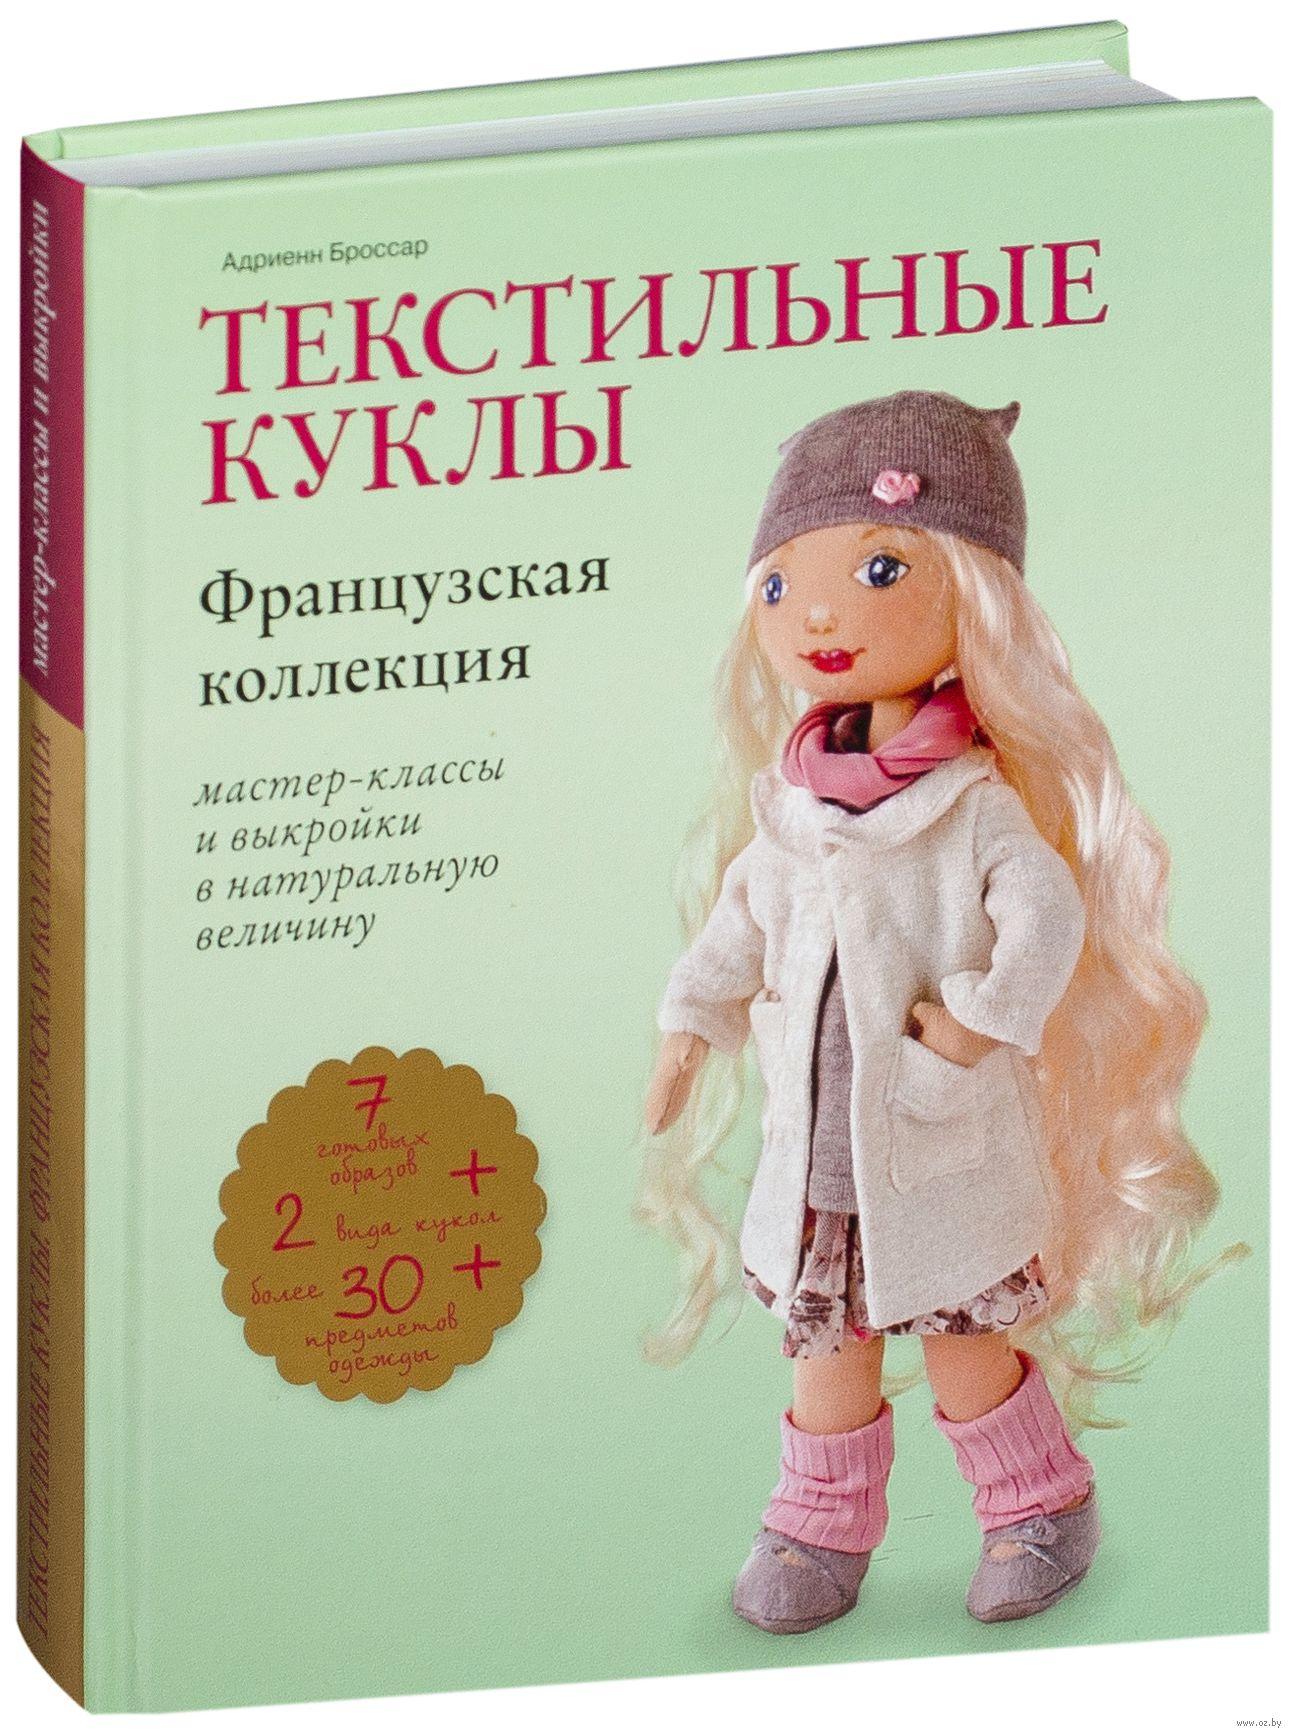 Выкройки для коллекции кукол